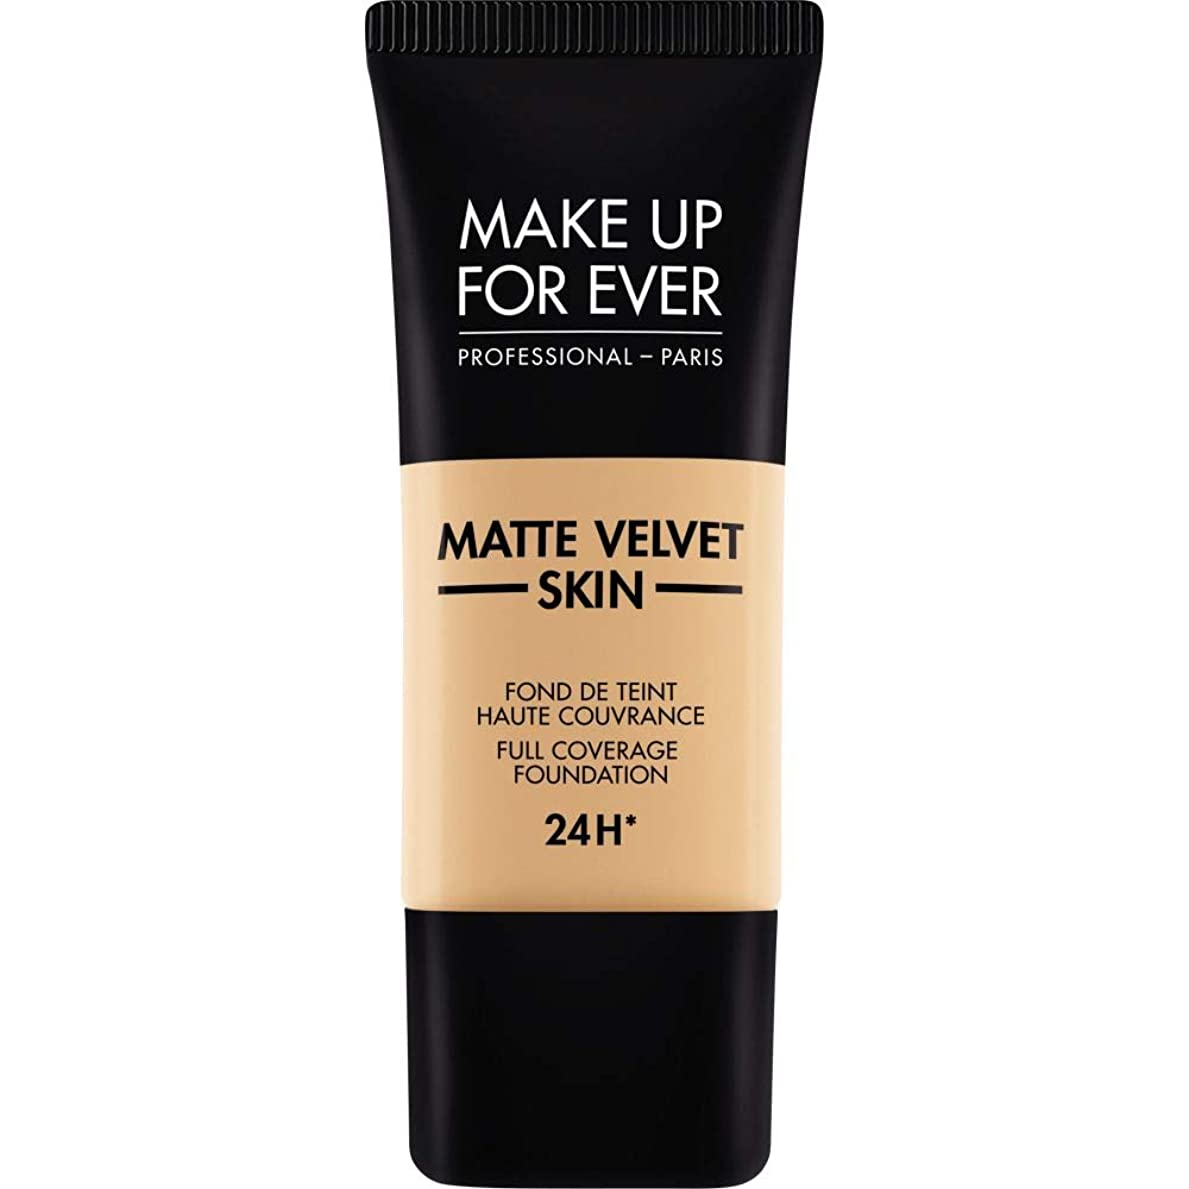 ルネッサンスサイバースペース再編成する[MAKE UP FOR EVER ] 暗い砂 - これまでマットベルベットの皮膚のフルカバレッジ基礎30ミリリットルのY335を補います - MAKE UP FOR EVER Matte Velvet Skin Full Coverage Foundation 30ml Y335 - Dark Sand [並行輸入品]